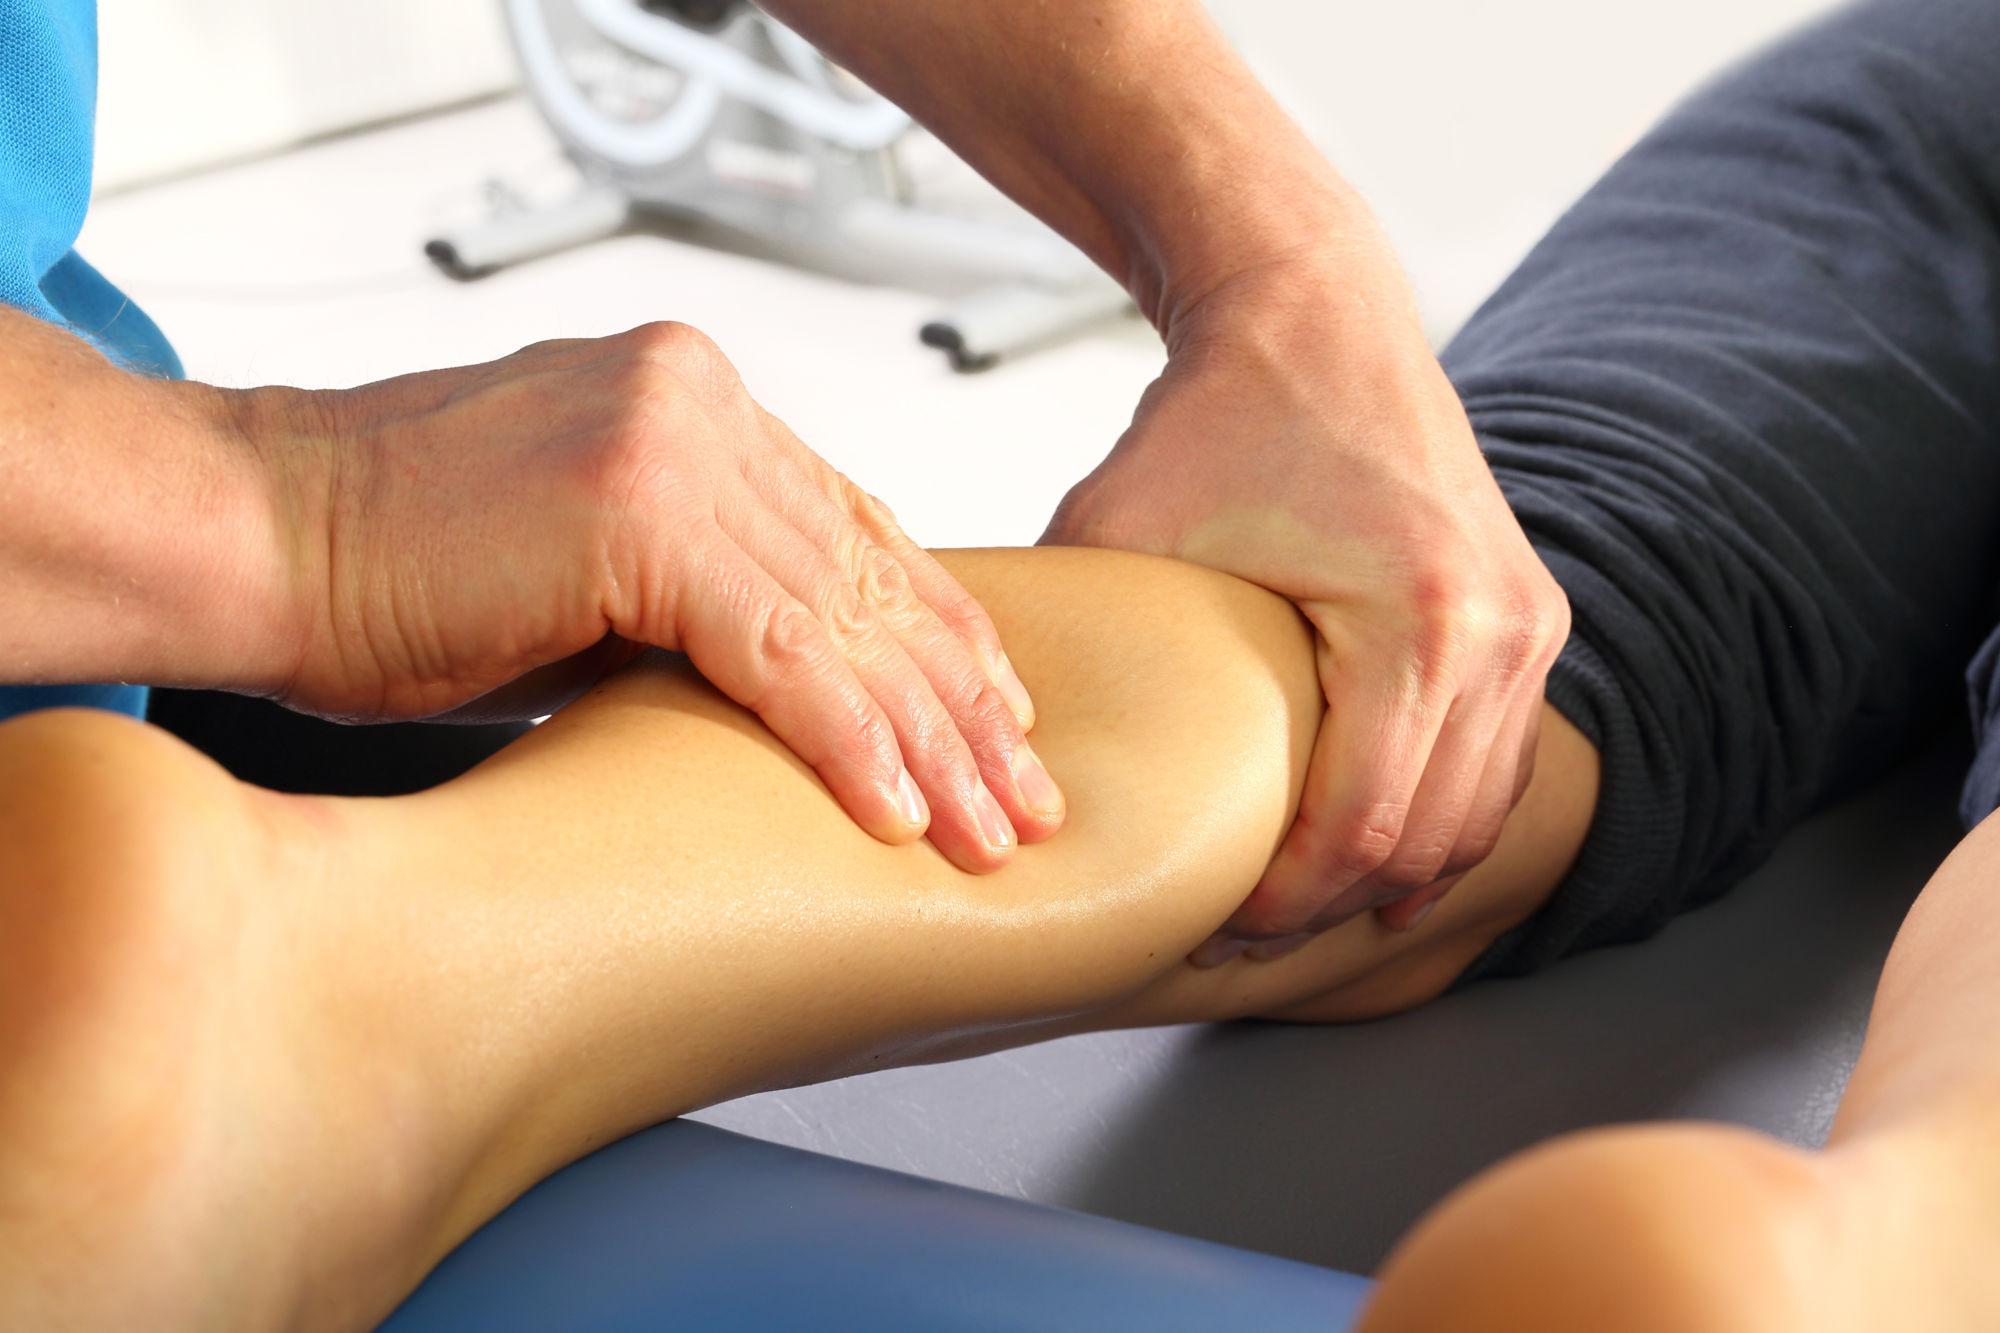 Cotswolds sports massage